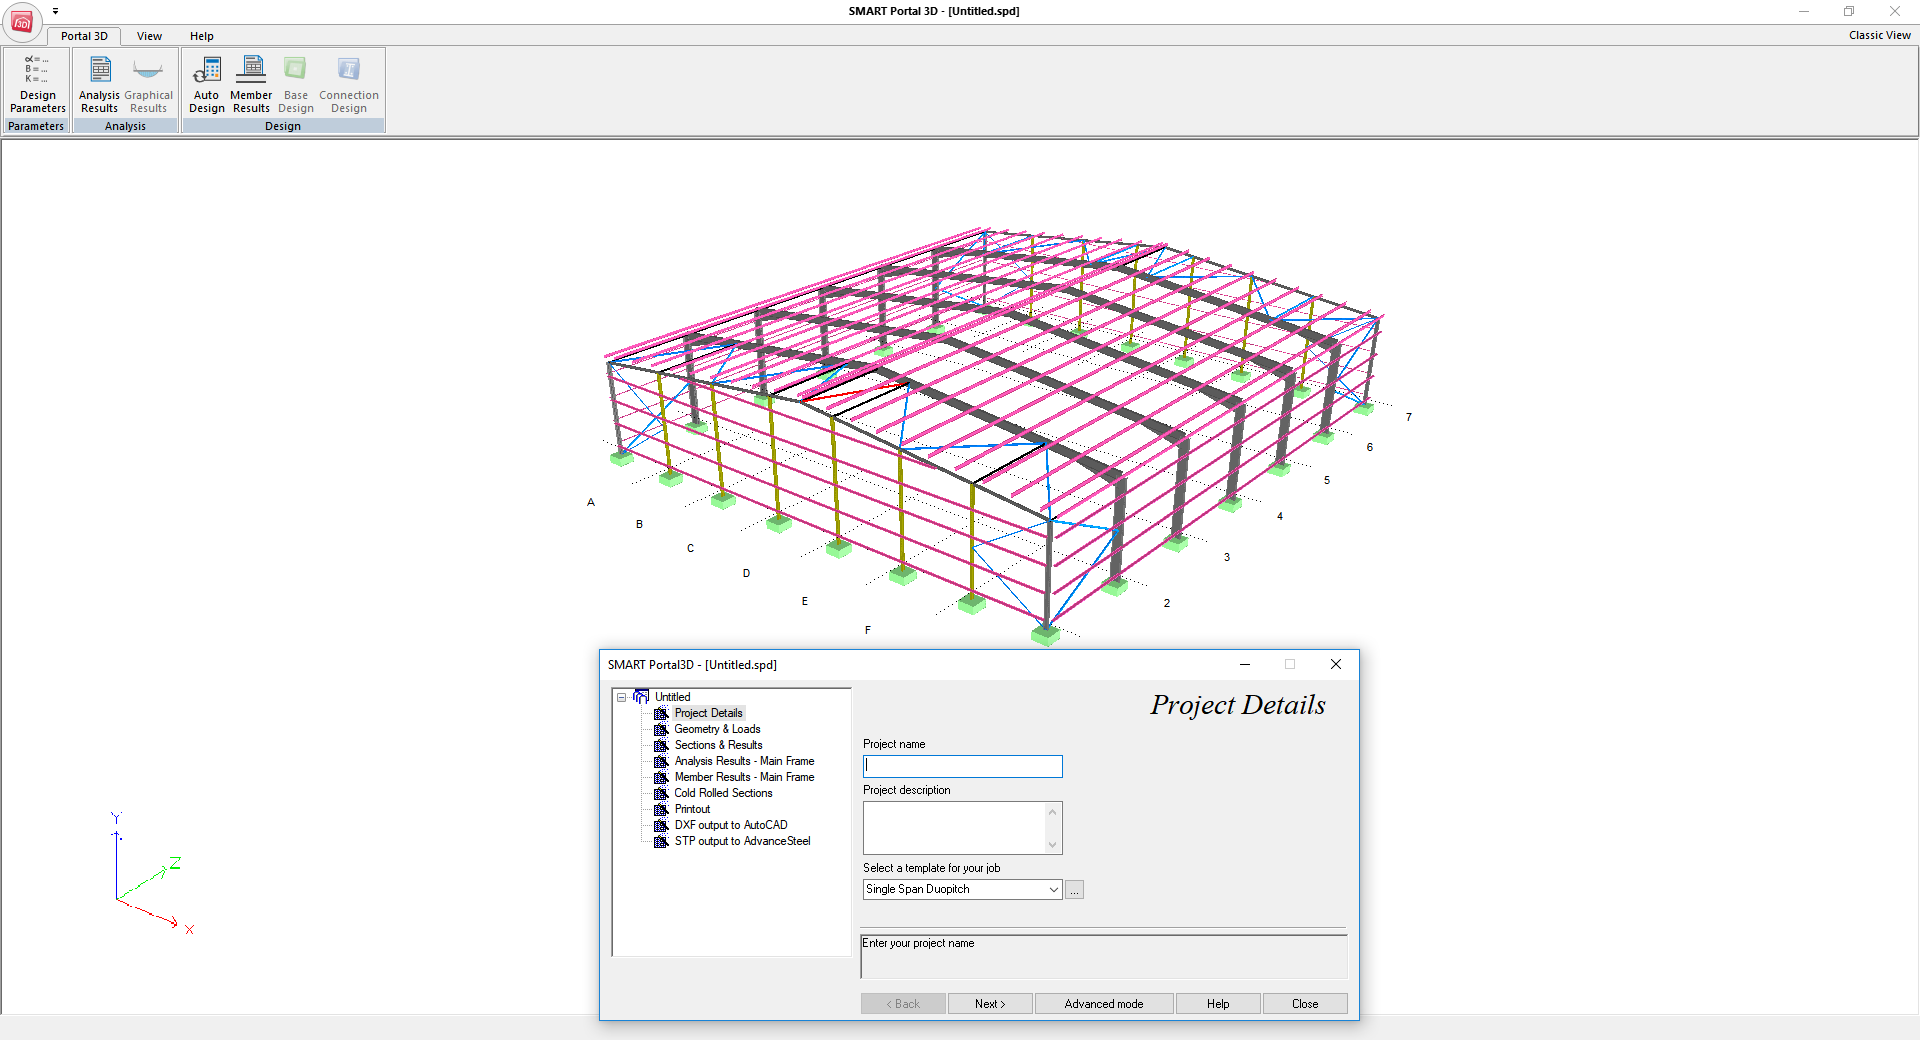 SMART Portal 3D - complete design of portal frames - CADS UK